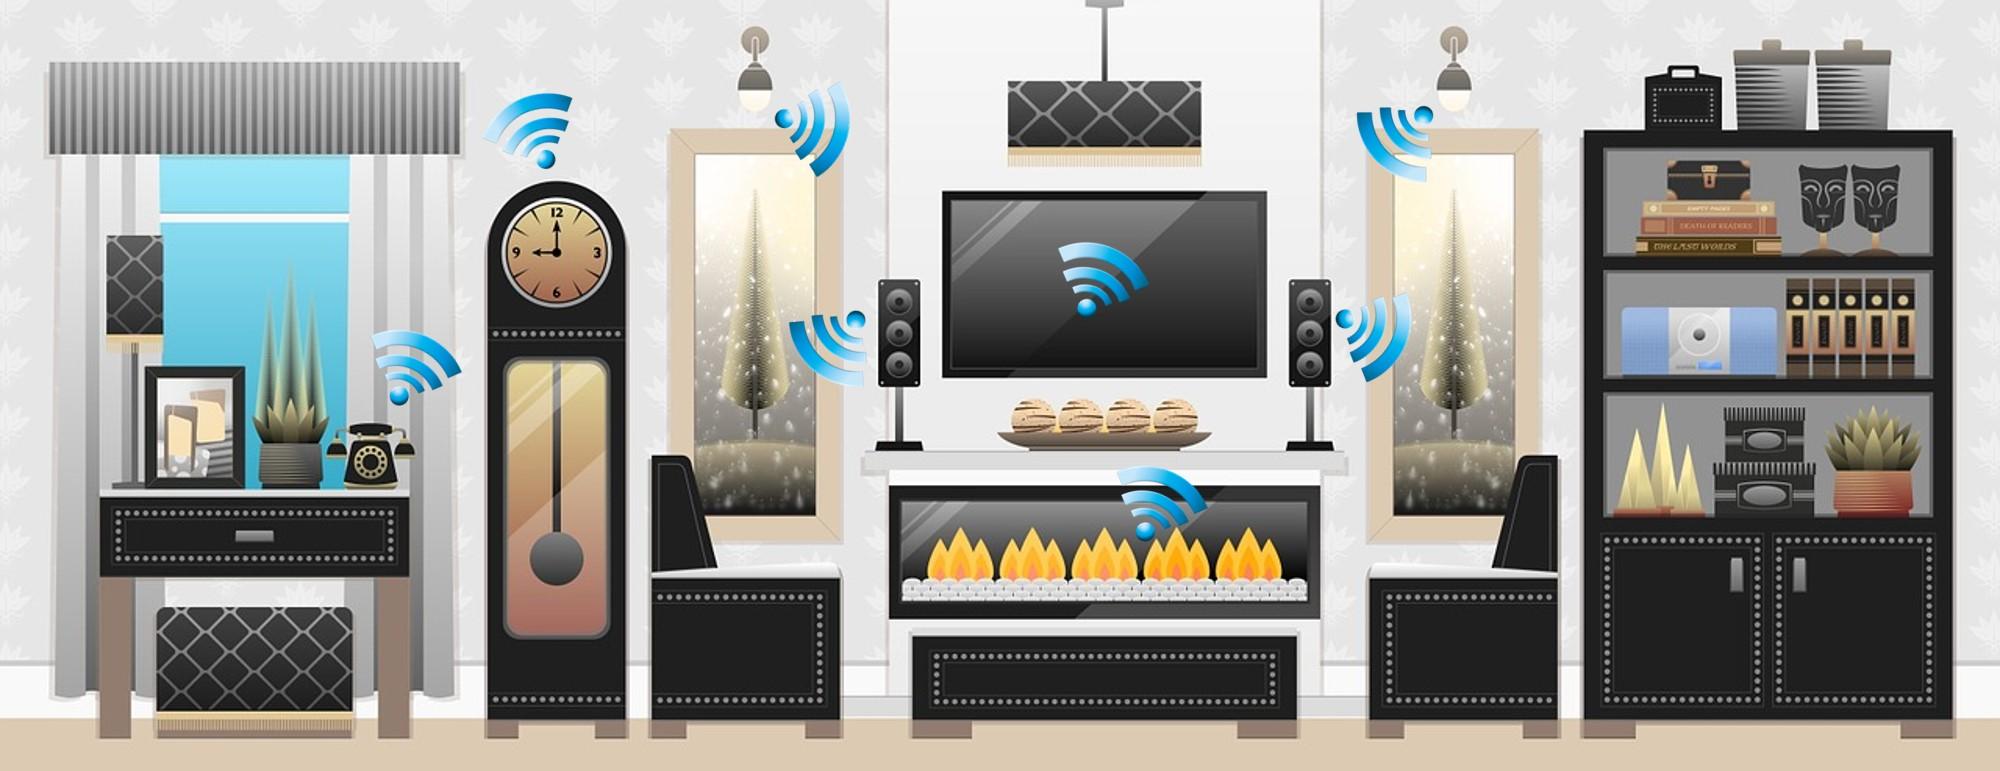 Electrodomésticos inteligentes ¿Qué son? ¿Cómo funcionan? ¿Qué ventajas tienen?